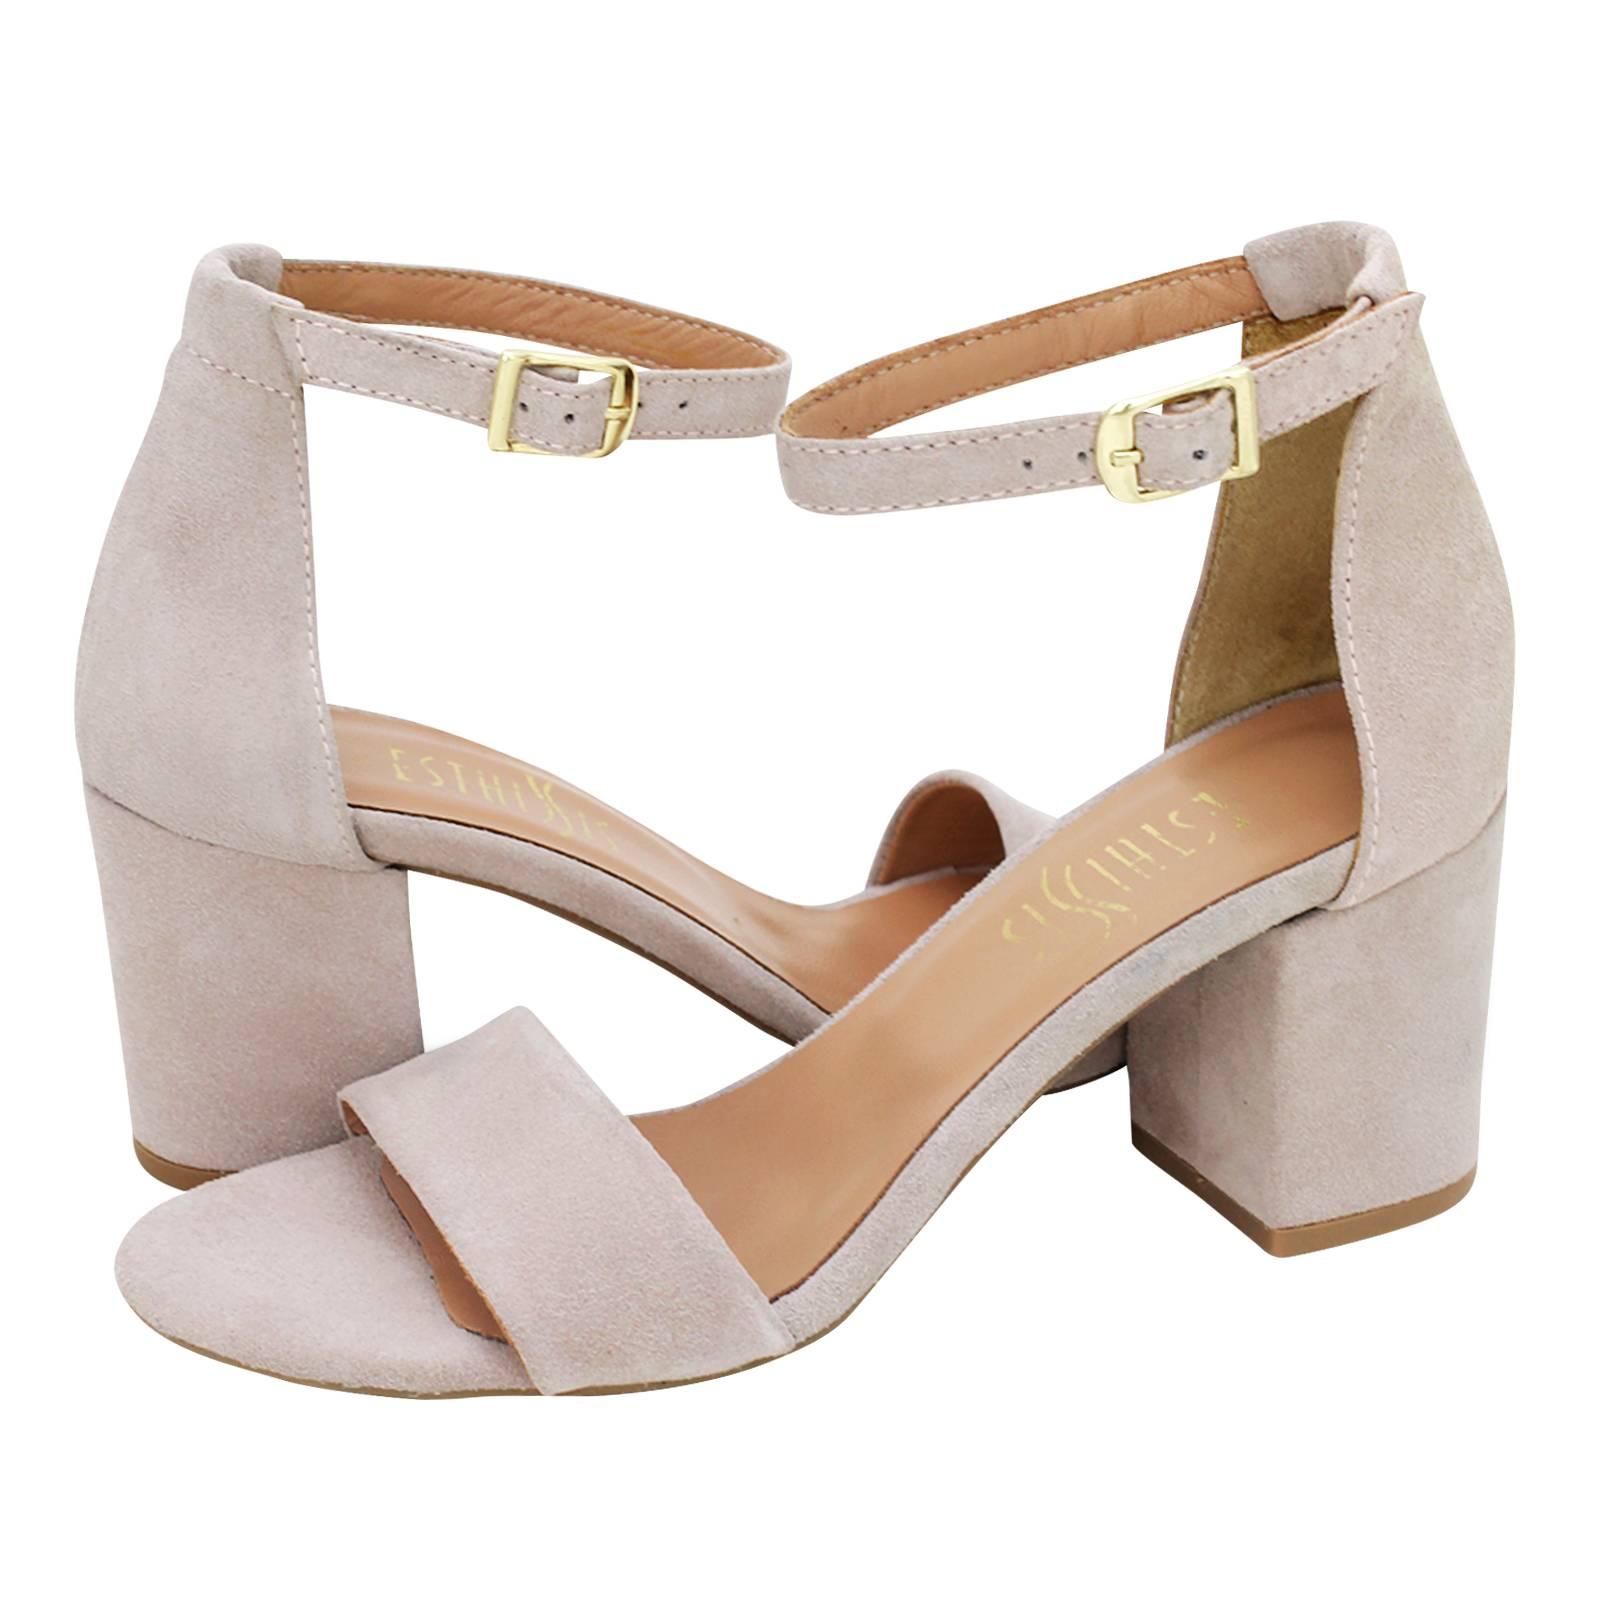 Shin - Esthissis Women s sandals made of suede - Gianna Kazakou Online 6b67d69178b